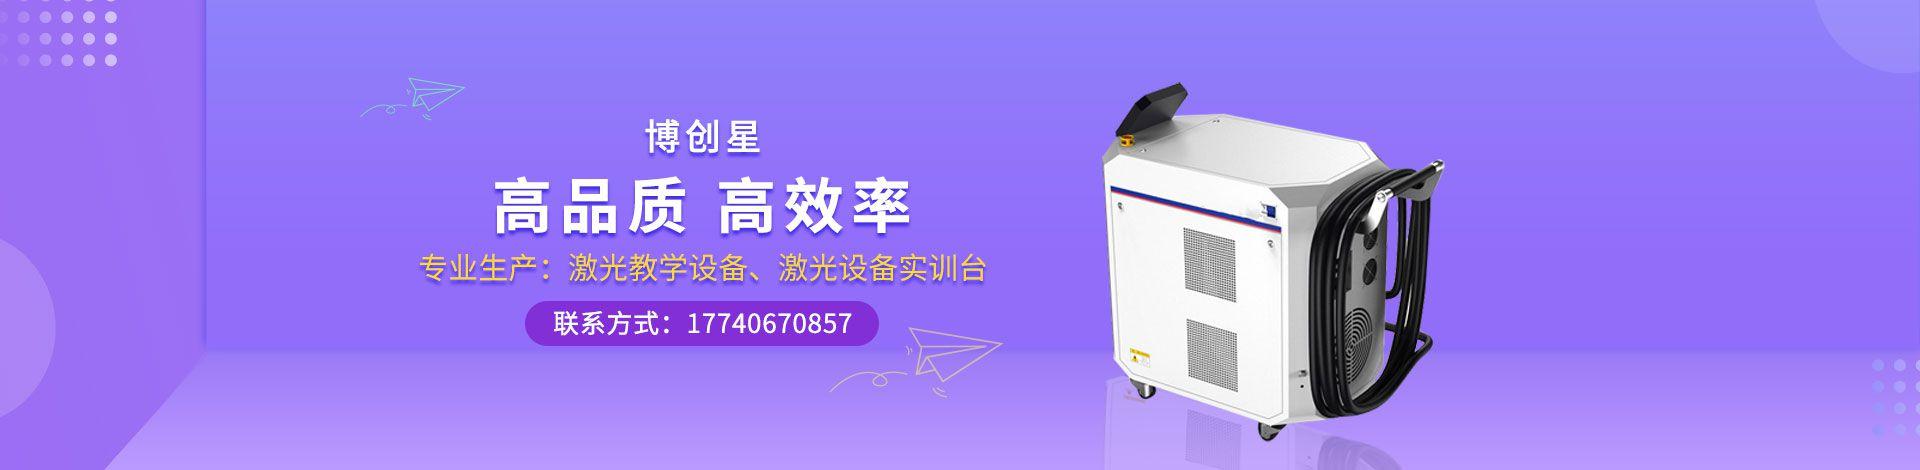 武汉博创星激光科技有限公司